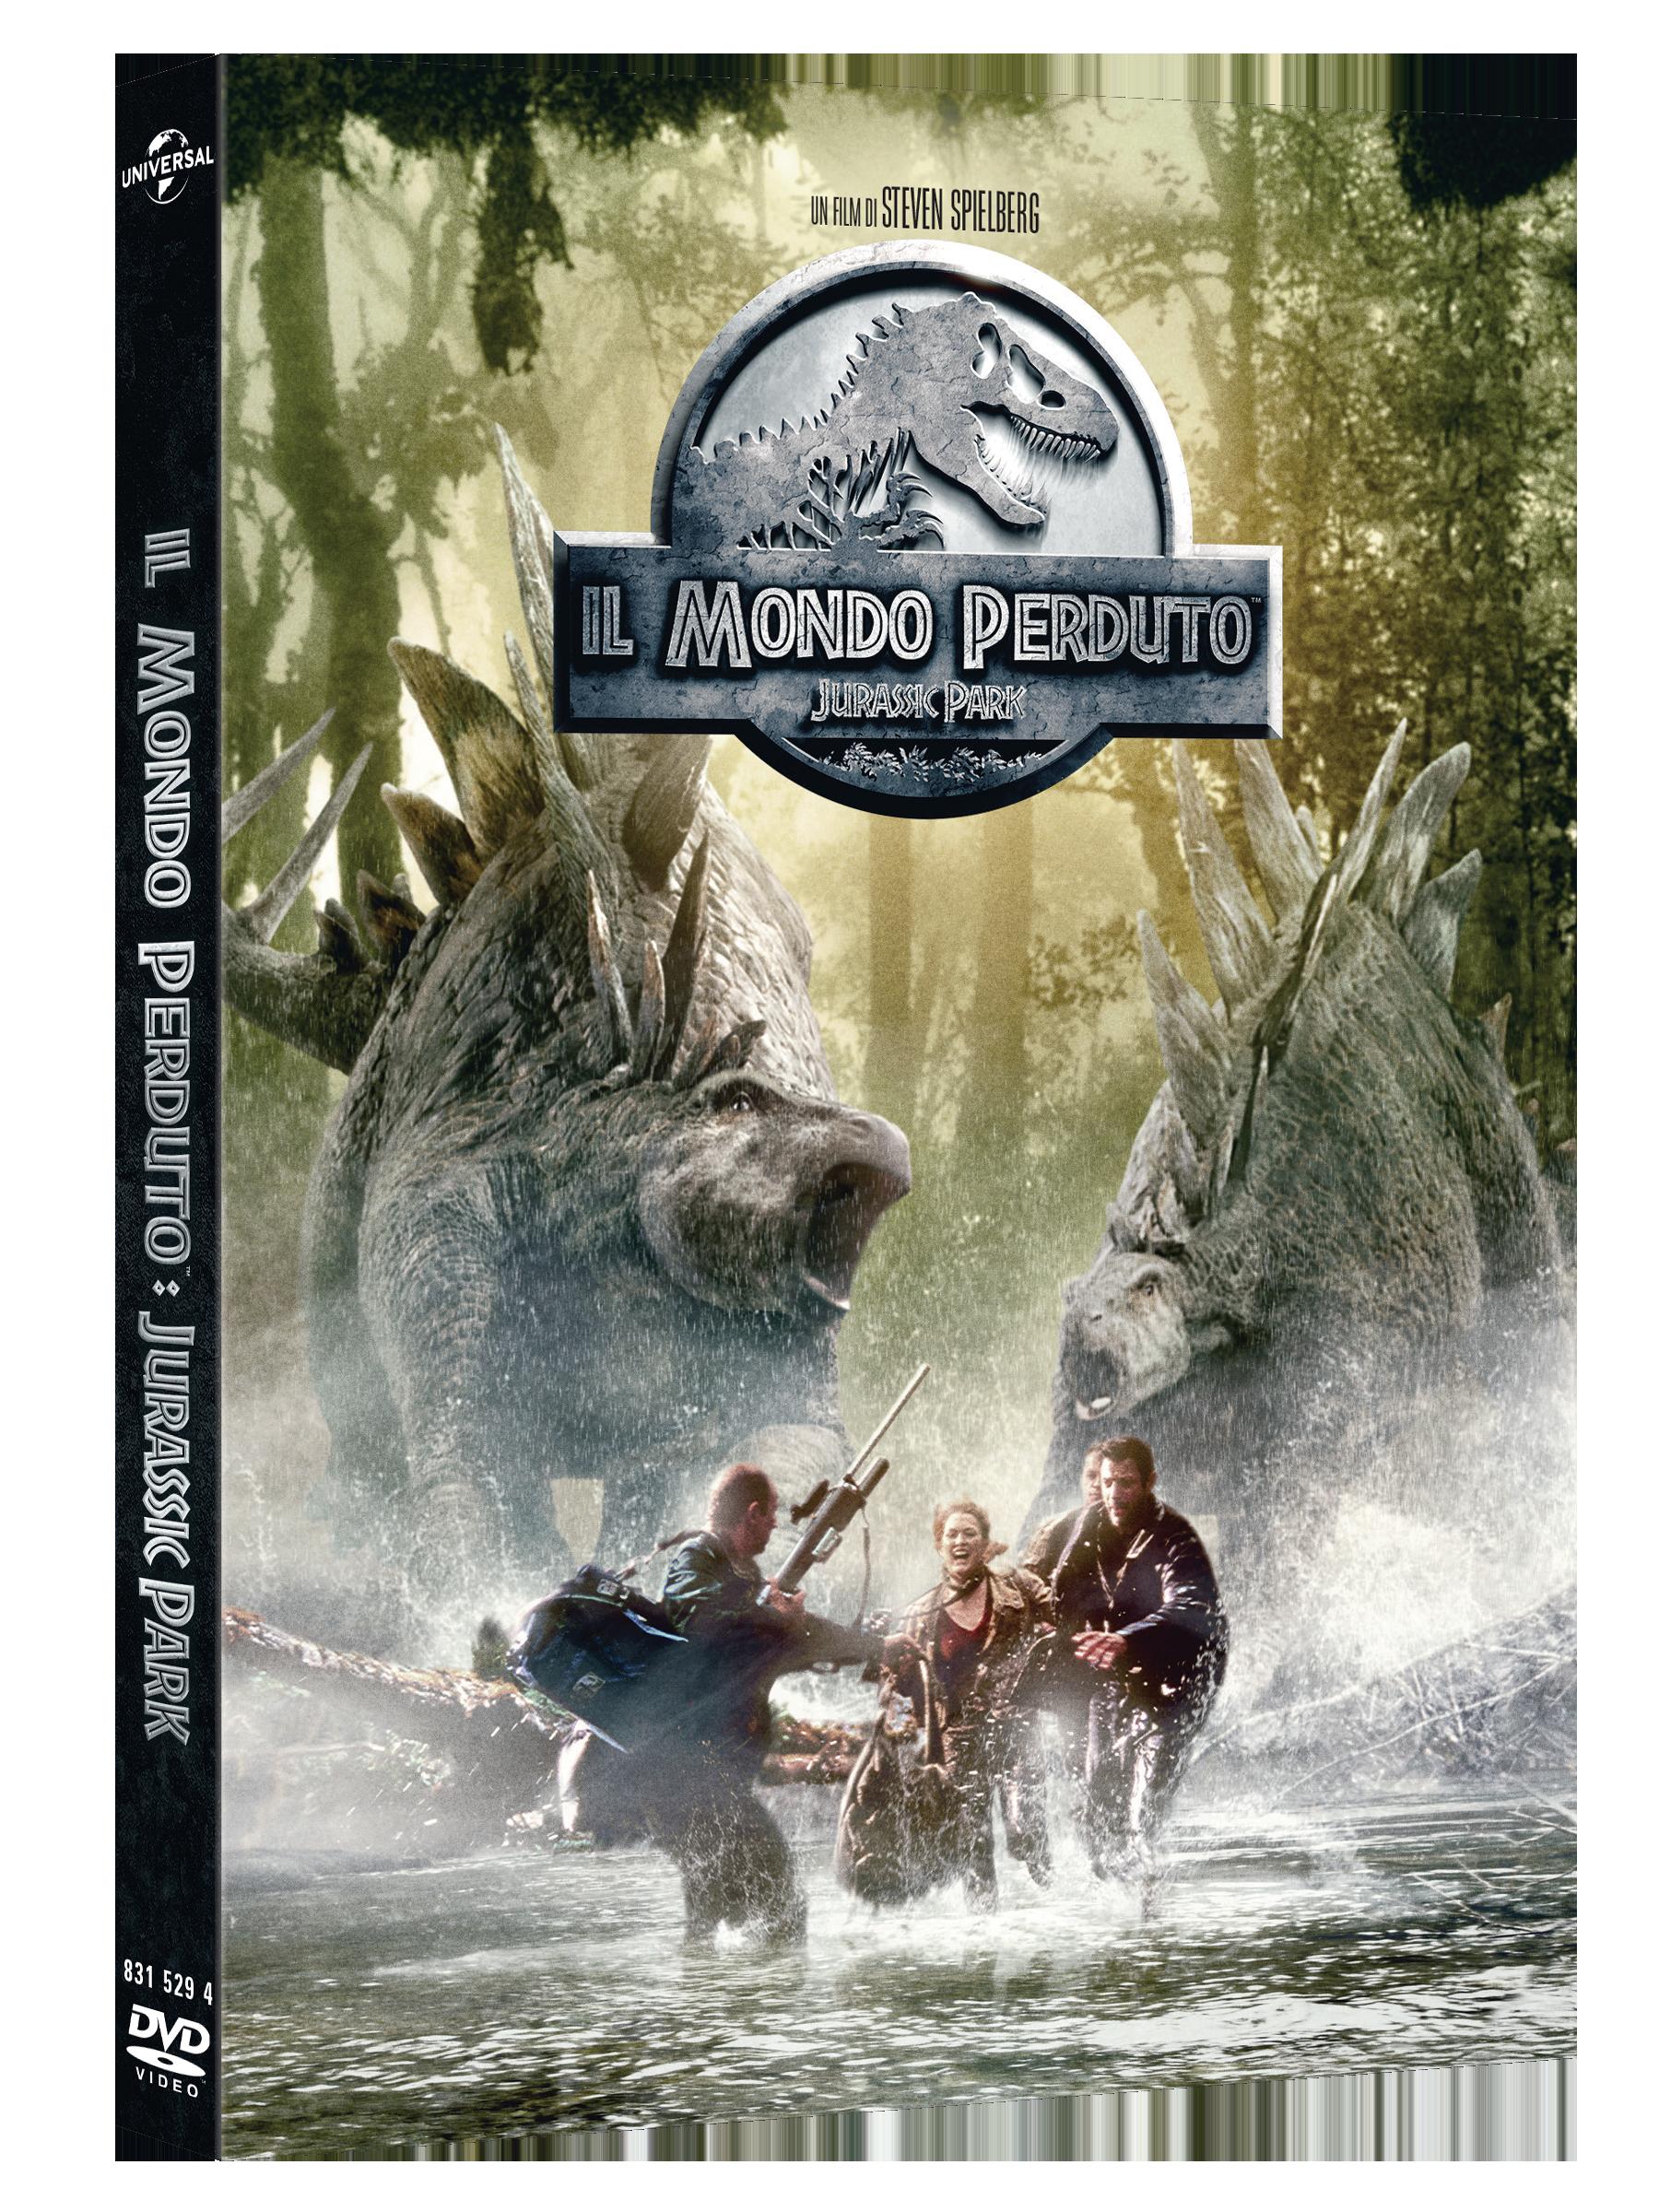 JP2_Ita_DVD-ORing_Ret_8315294-40_3D